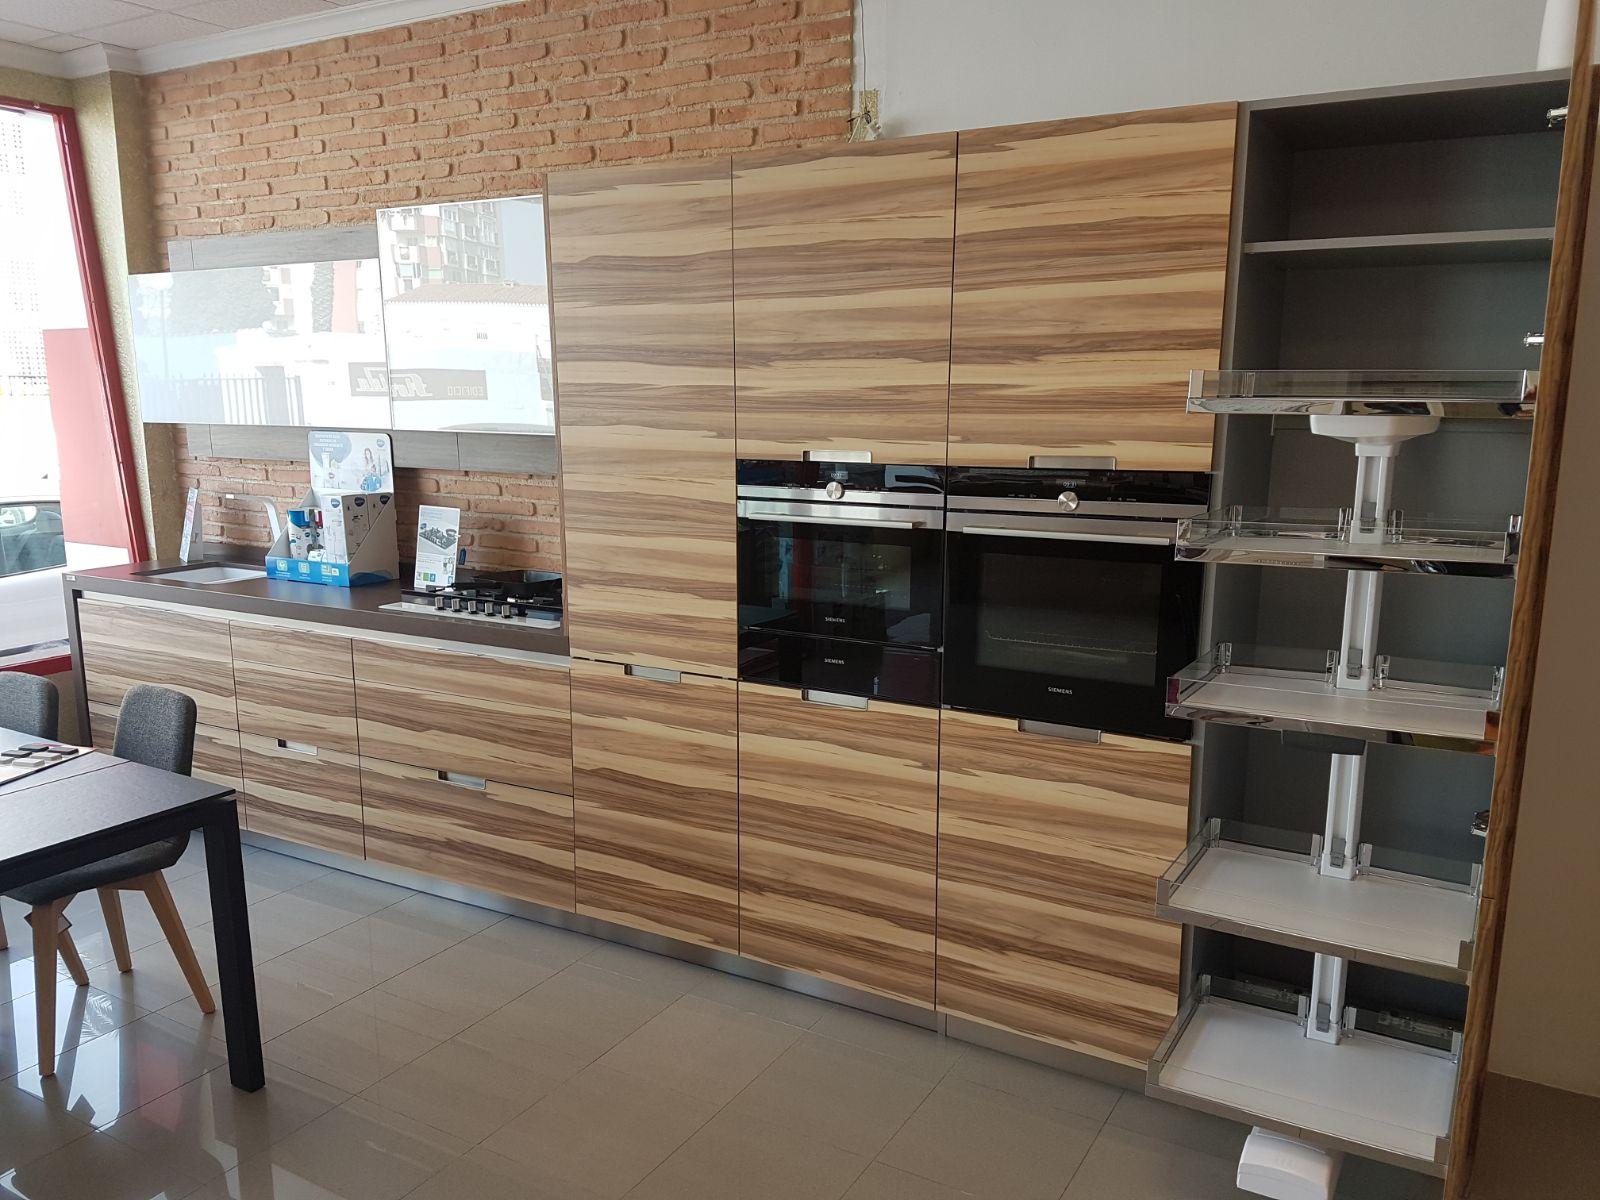 Muebles de cocina exposicion stunning muebles de cocina for Liquidacion muebles valencia